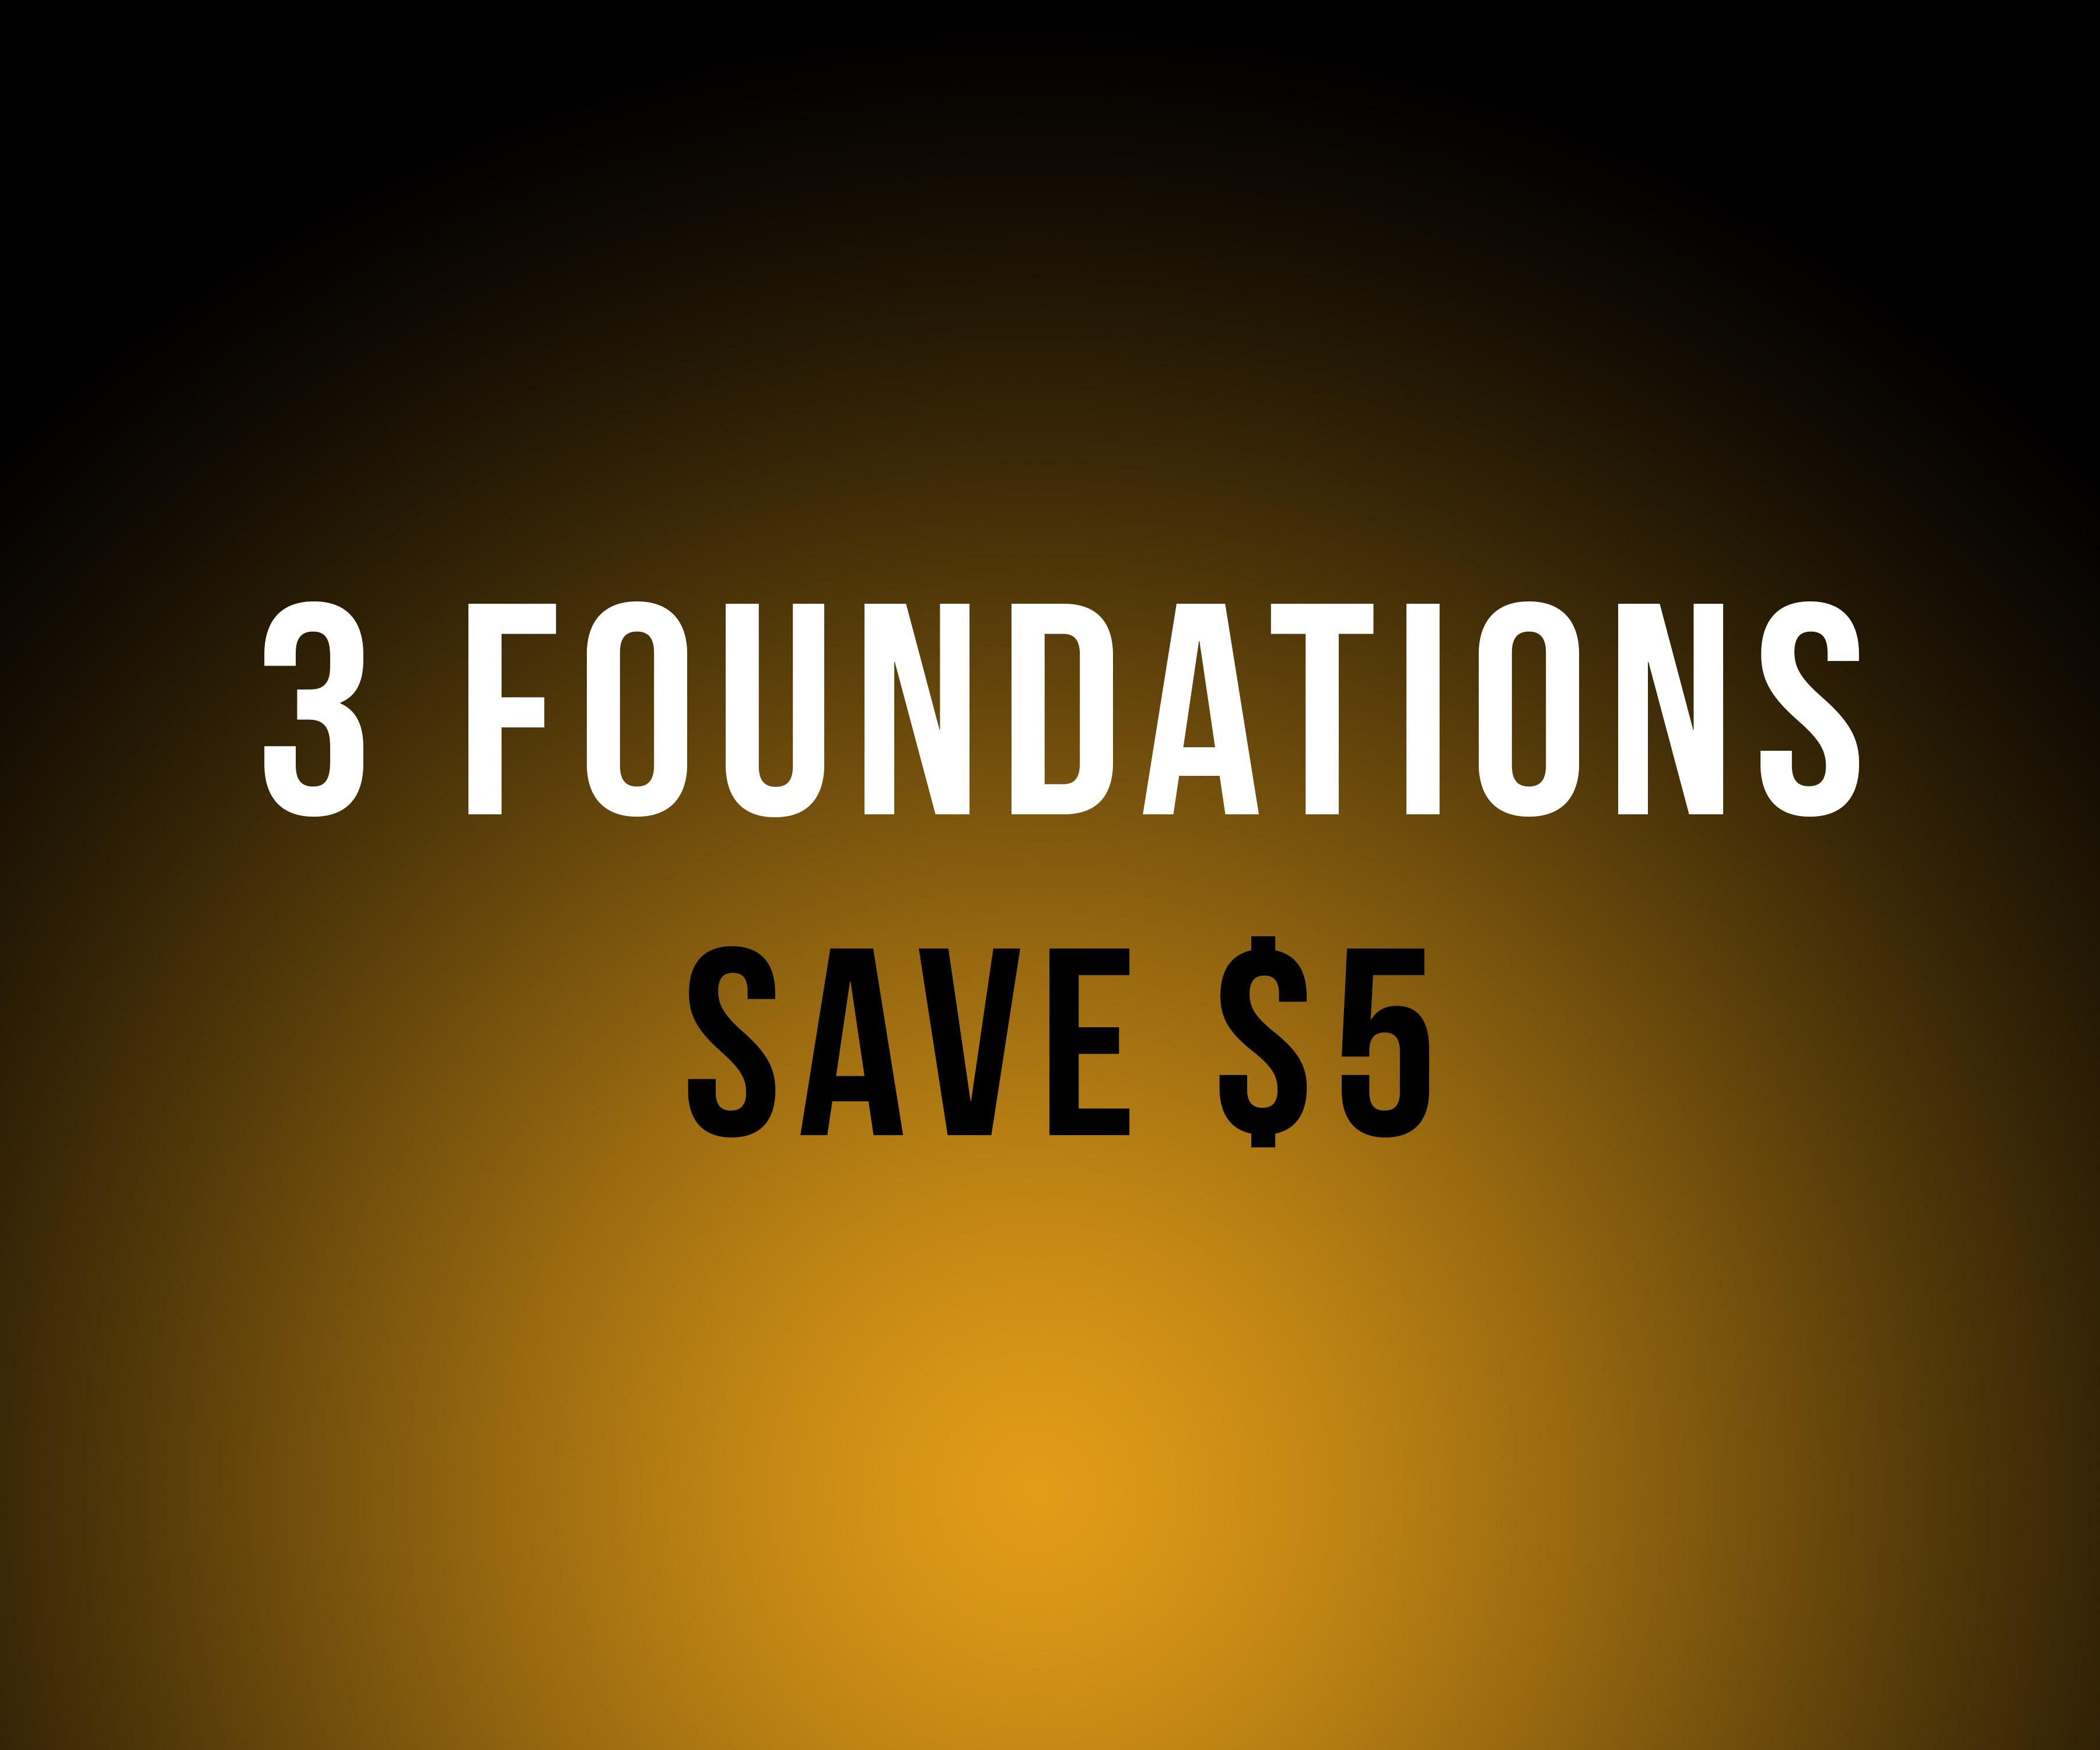 Nov - All 3 Foundation Classes - Save $5